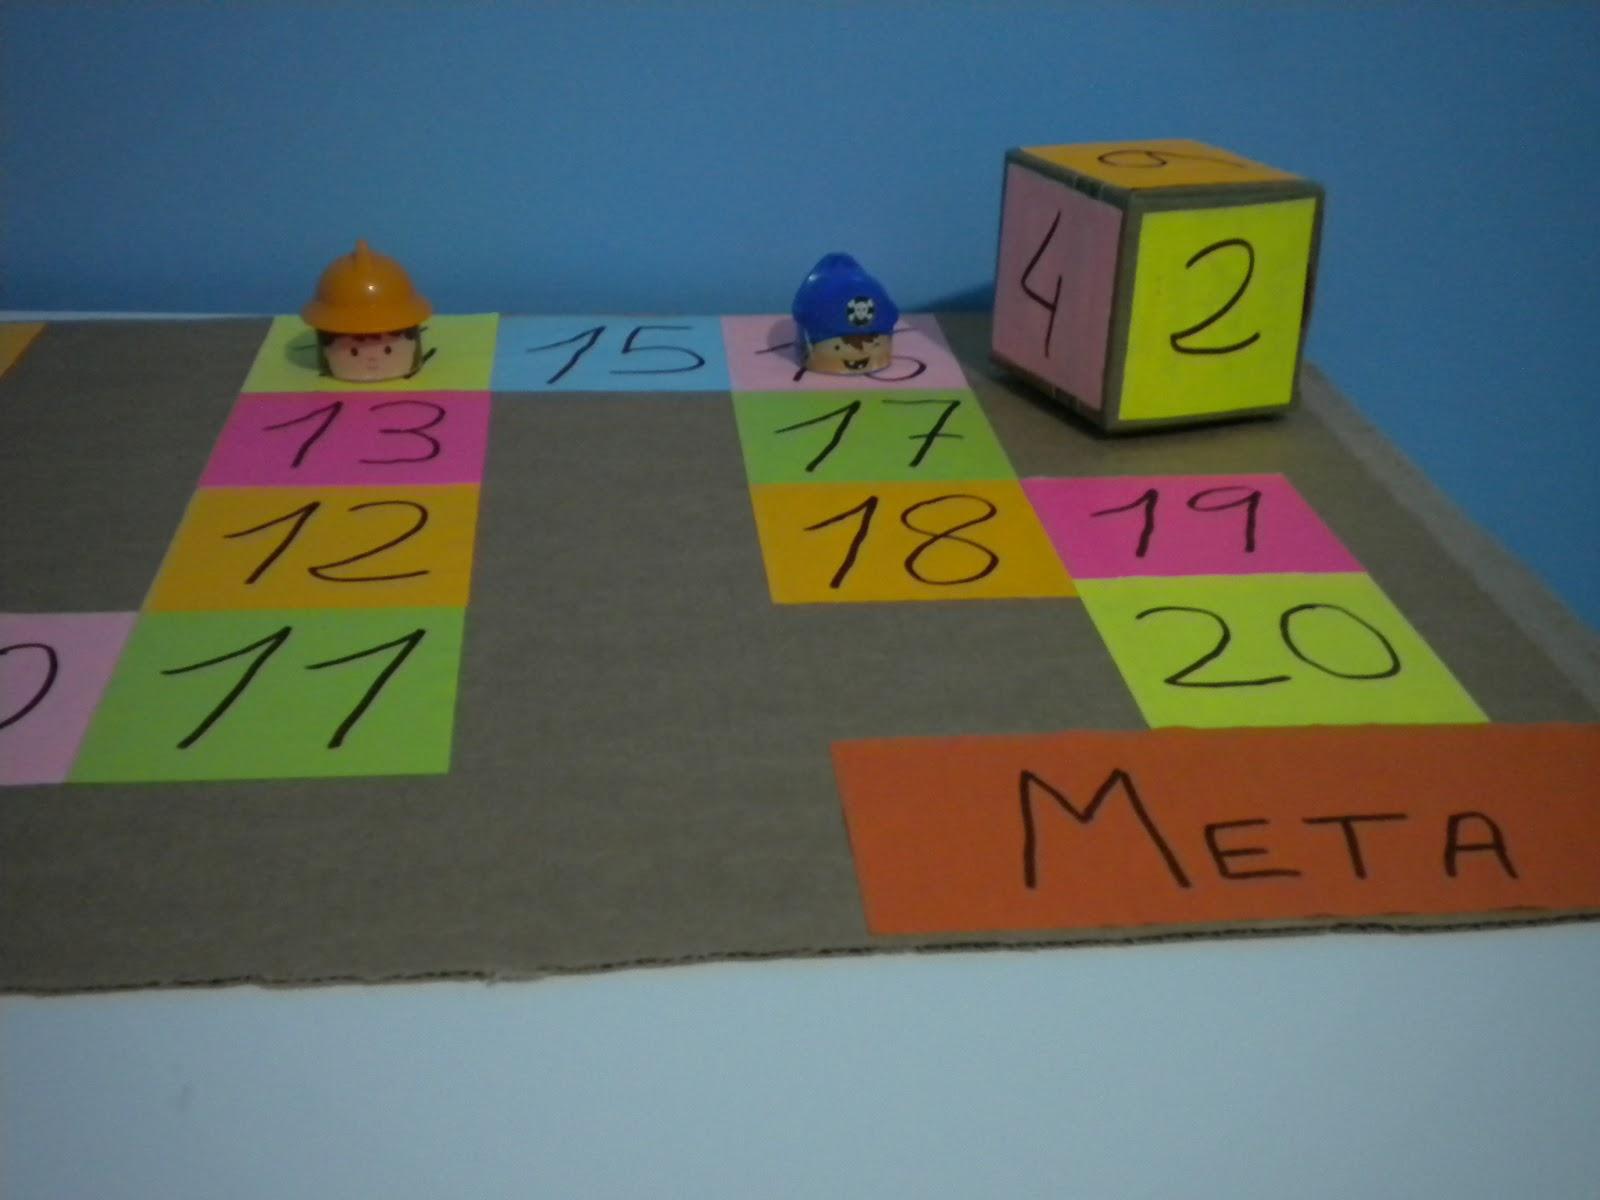 juego de mesa colores y nmeros para hacer